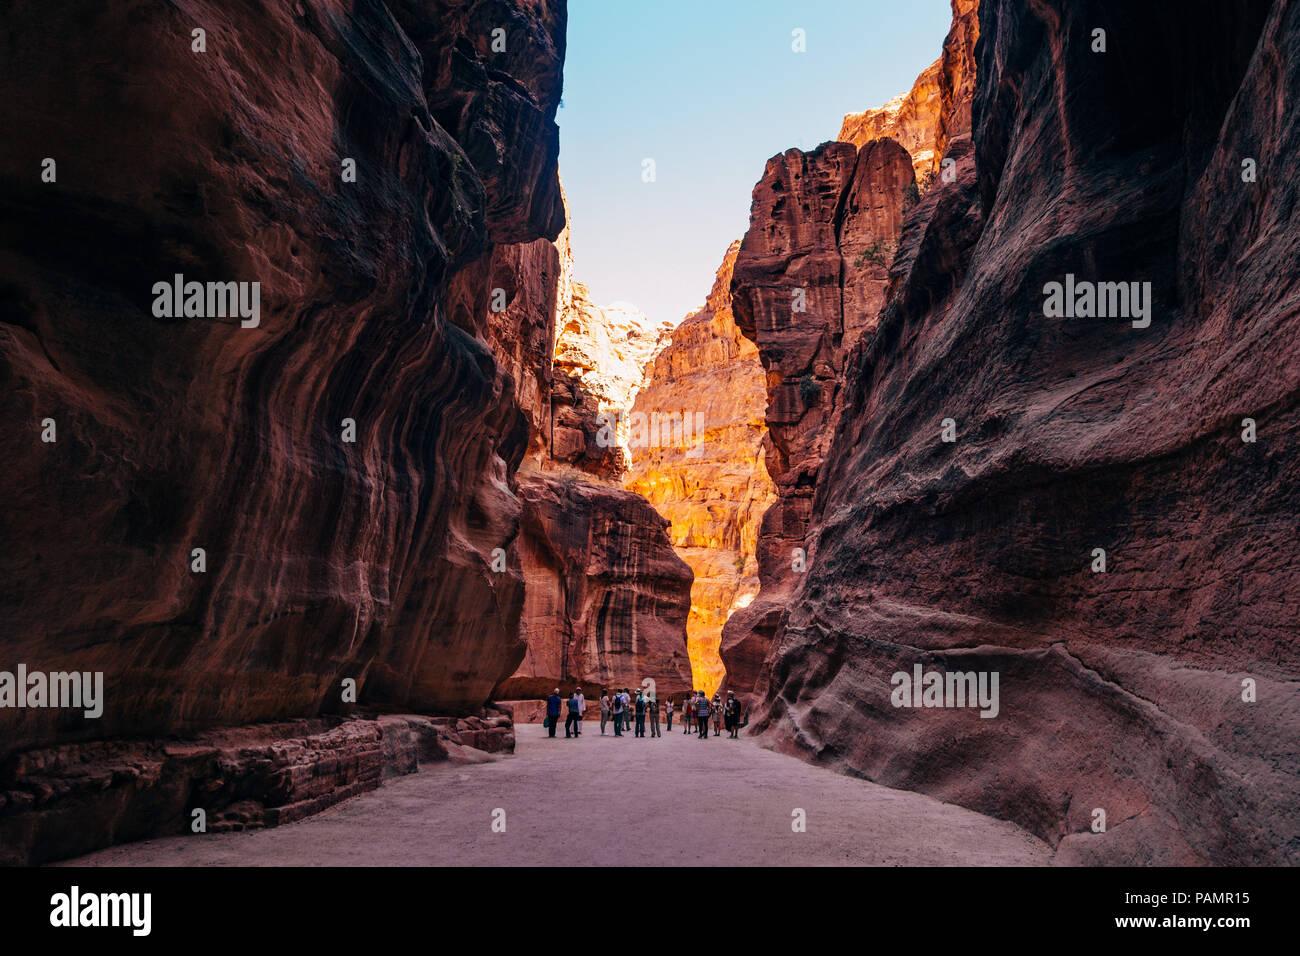 Eine Reisegruppe geht der Weg in Petra, Jordanien. Die Schlucht wurde vom Rock splitting bei einem Erdbeben geschnitzt Stockbild